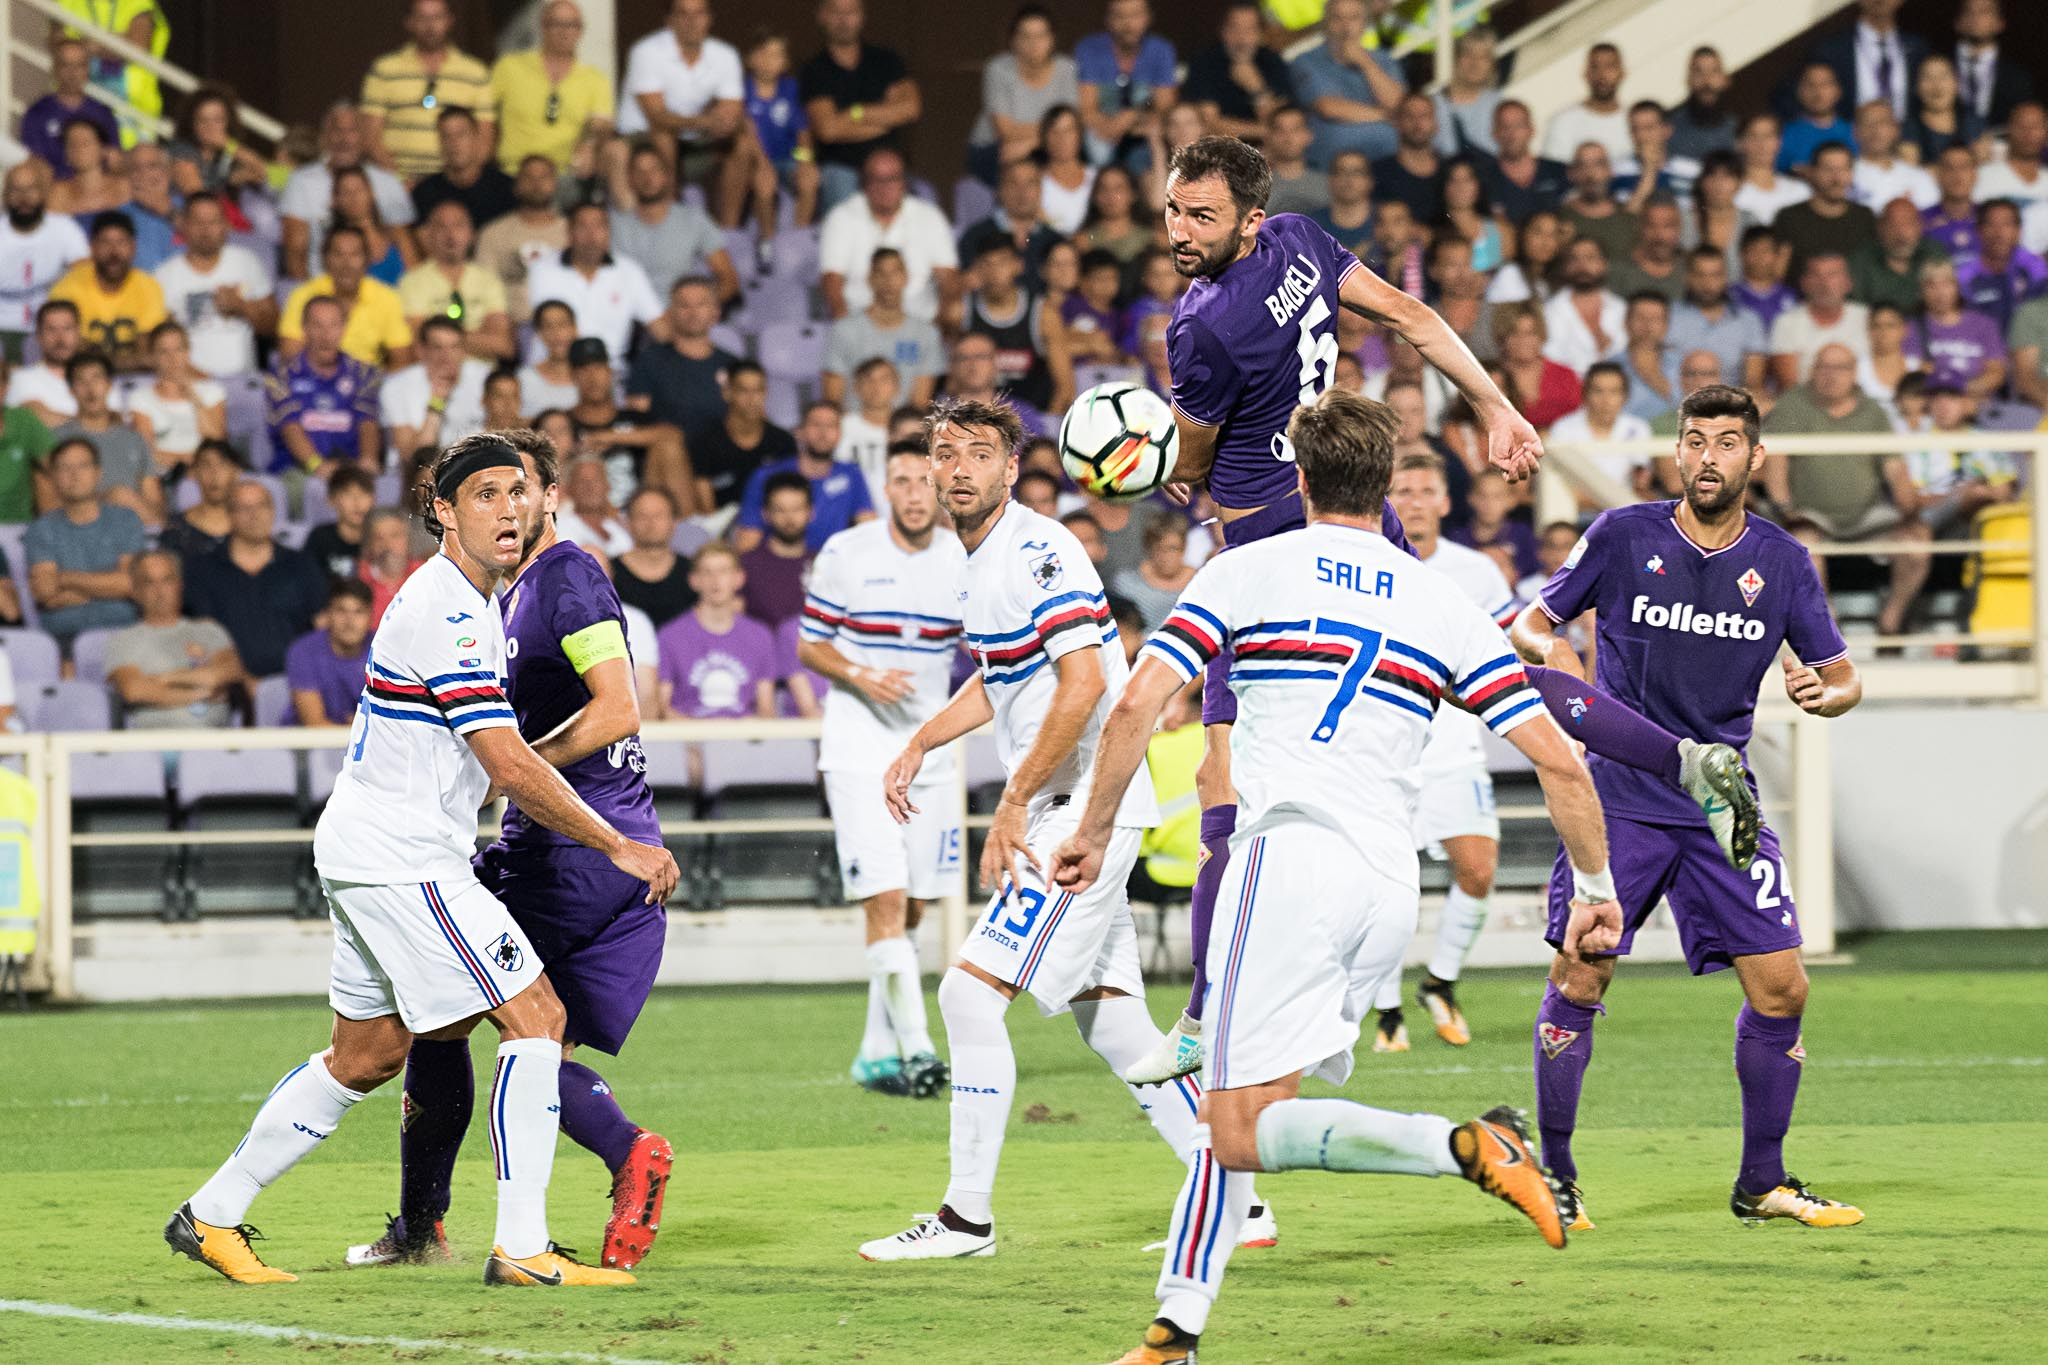 Fiorentina a – 10 dall'Europa: la Samp vola, remuntada quasi impossibile a 14 giornate dalla fine